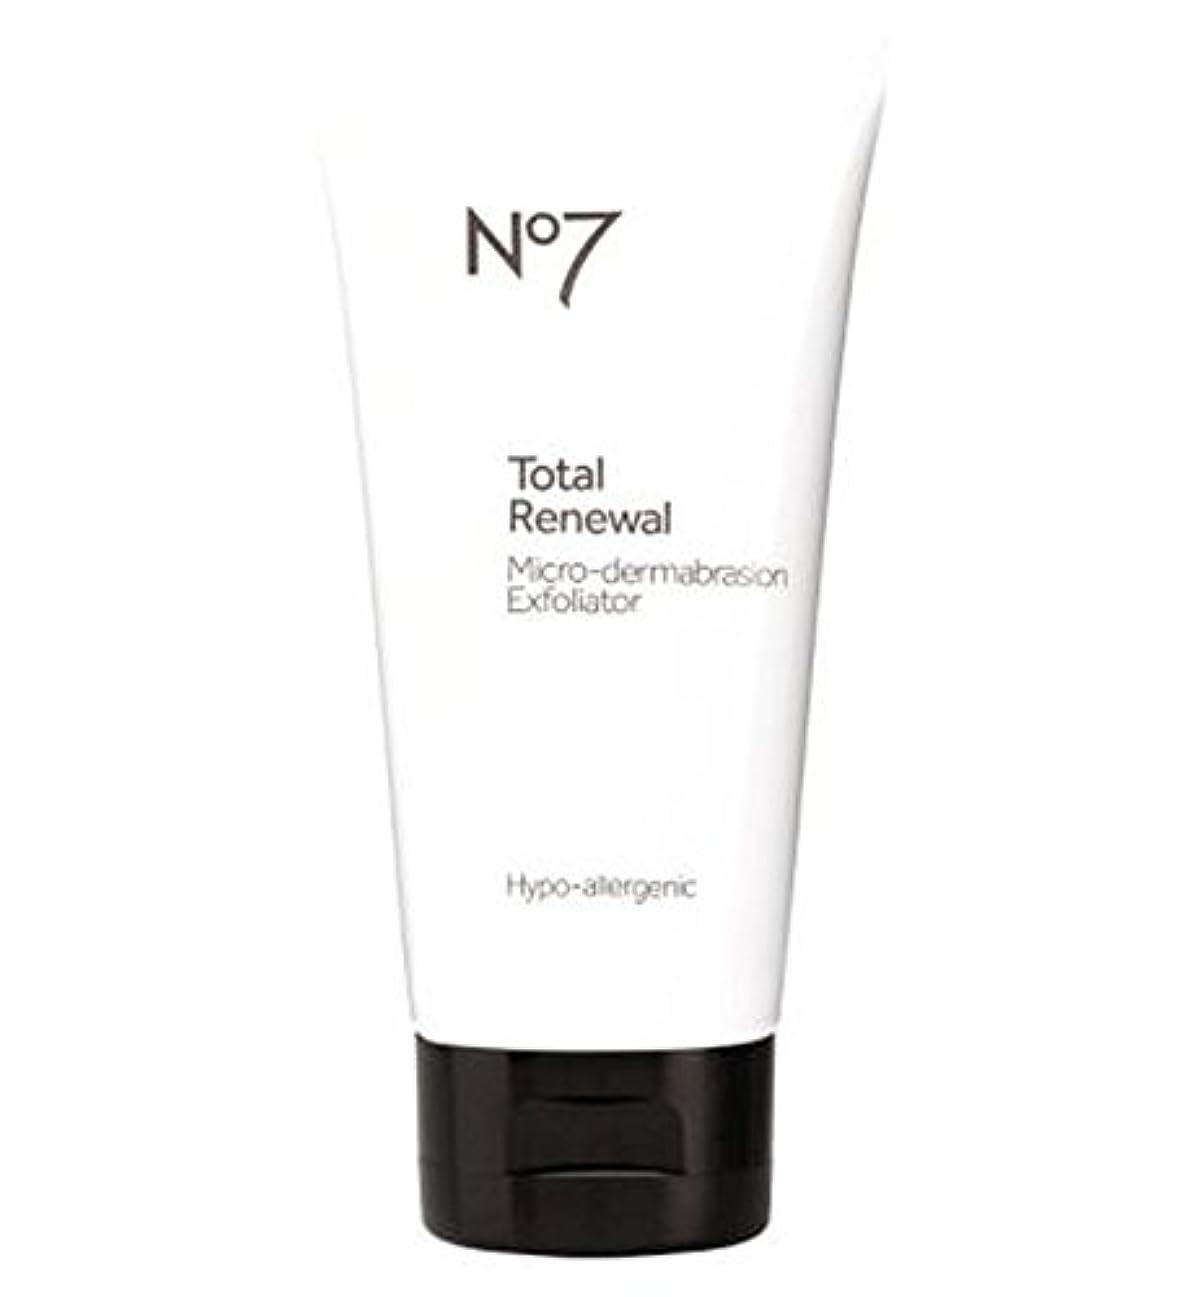 落胆したロッドリスNo7 Total Renewal Micro-dermabrasion Face Exfoliator - No7総リニューアルマイクロ皮膚剥離面エクスフォリエーター (No7) [並行輸入品]